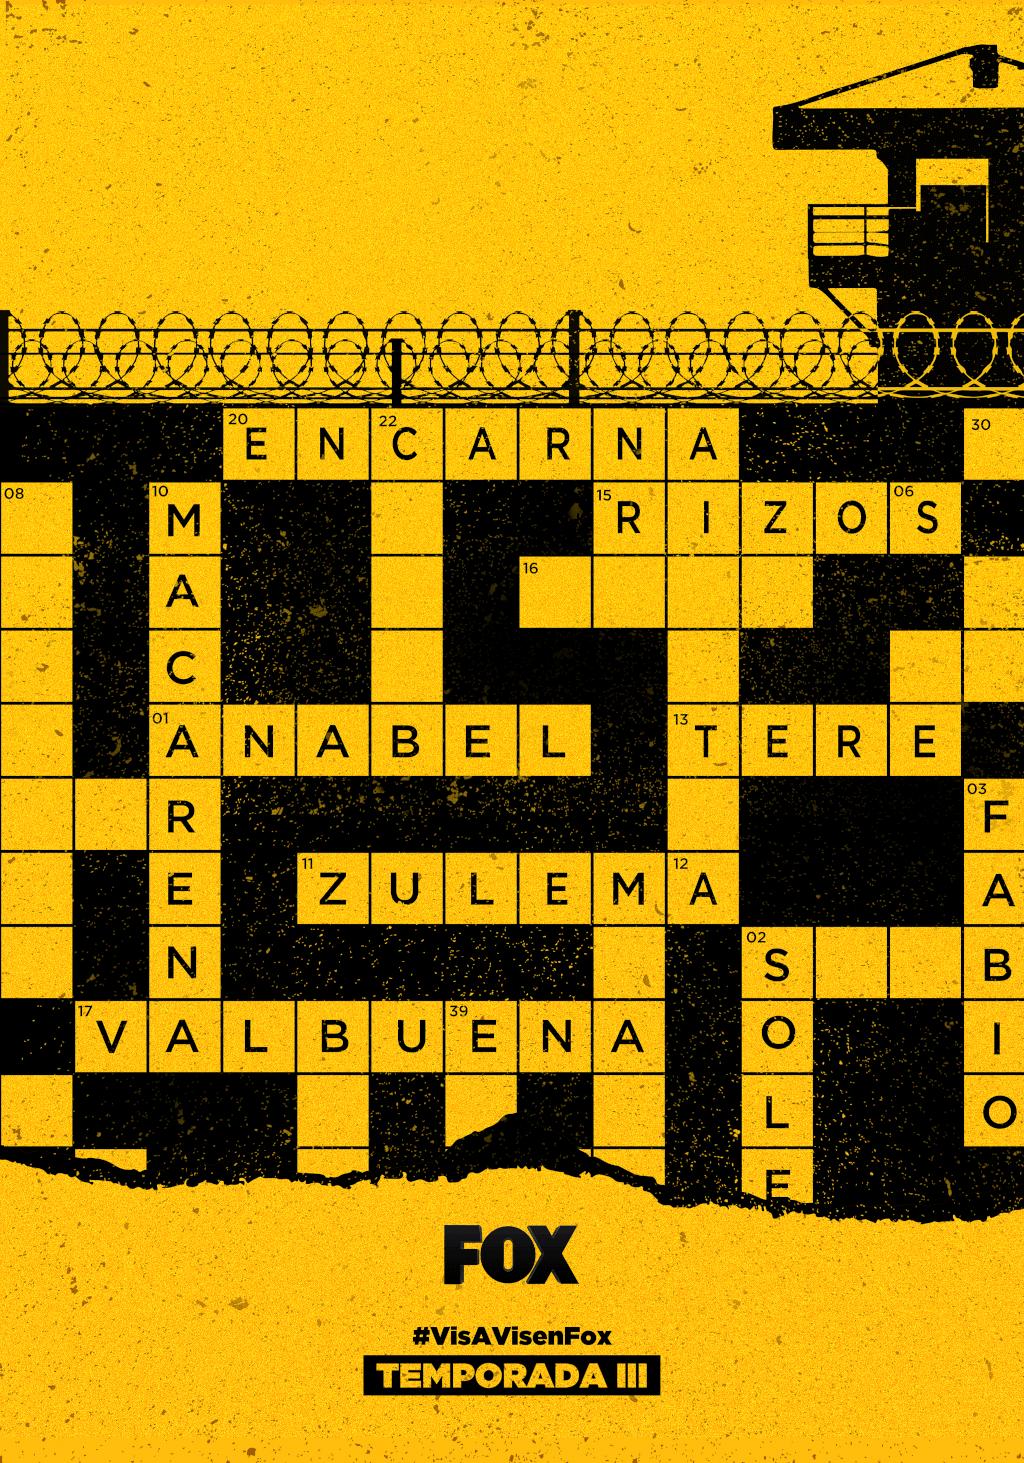 VaV_CrosswordsFilled_100x70.png